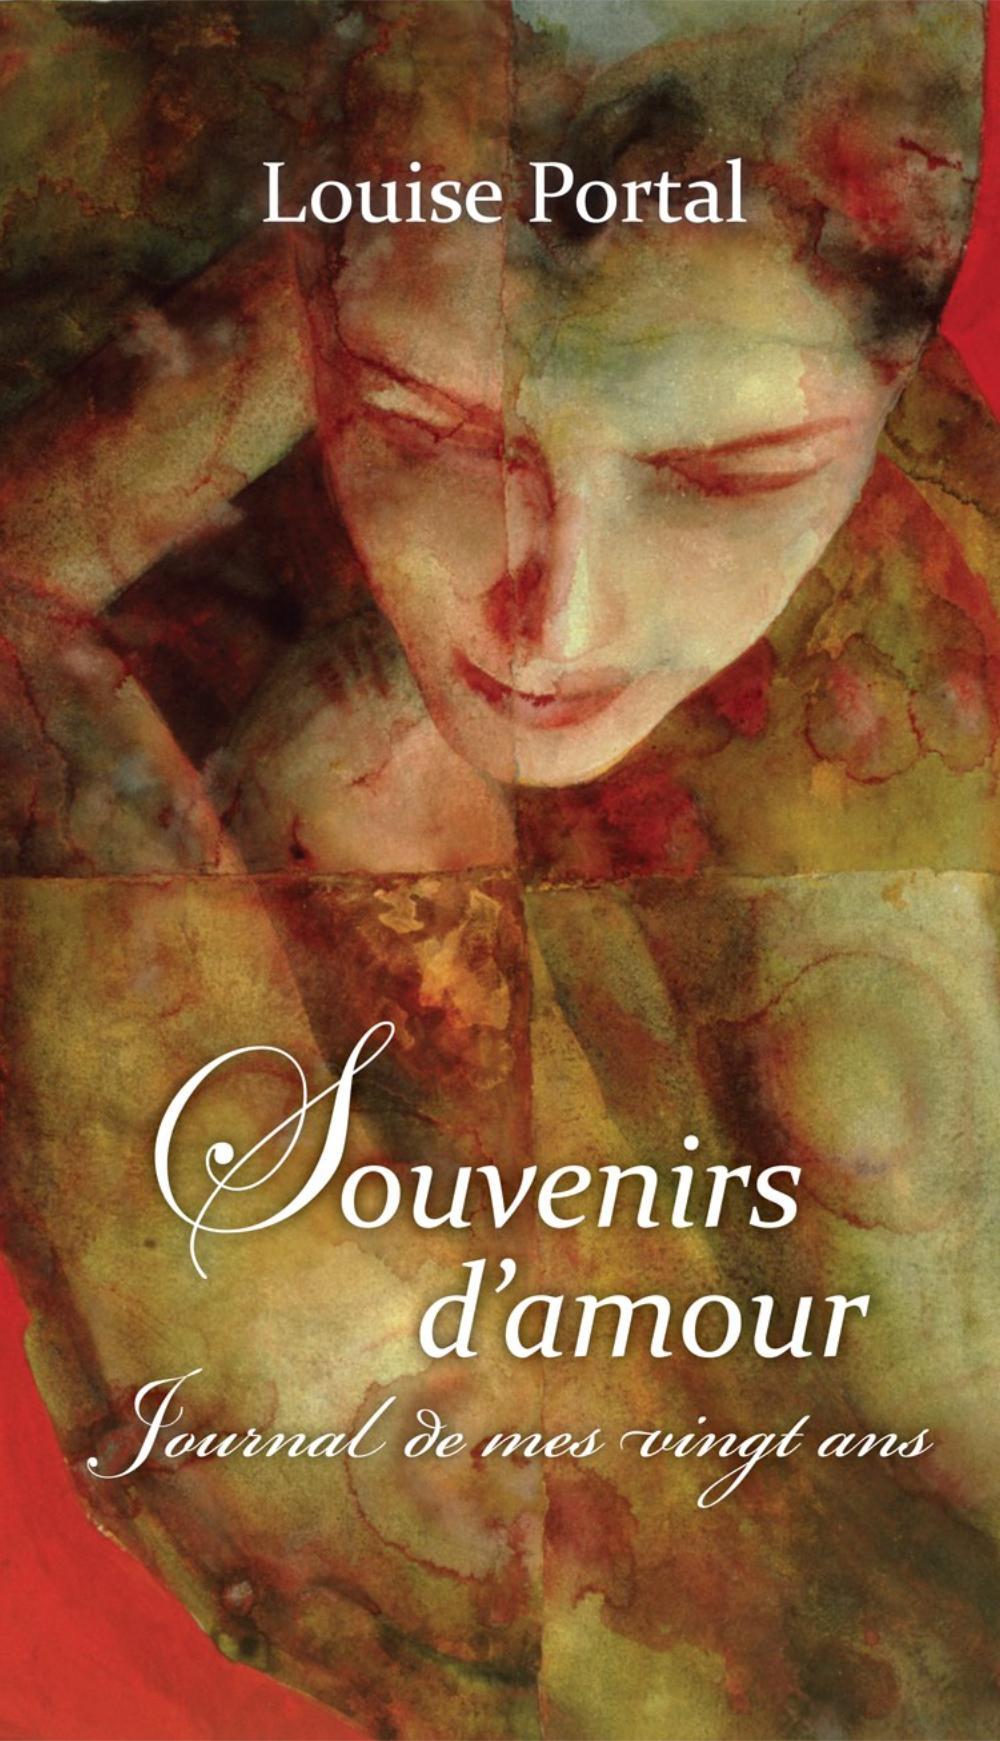 Souvenirs d'amour